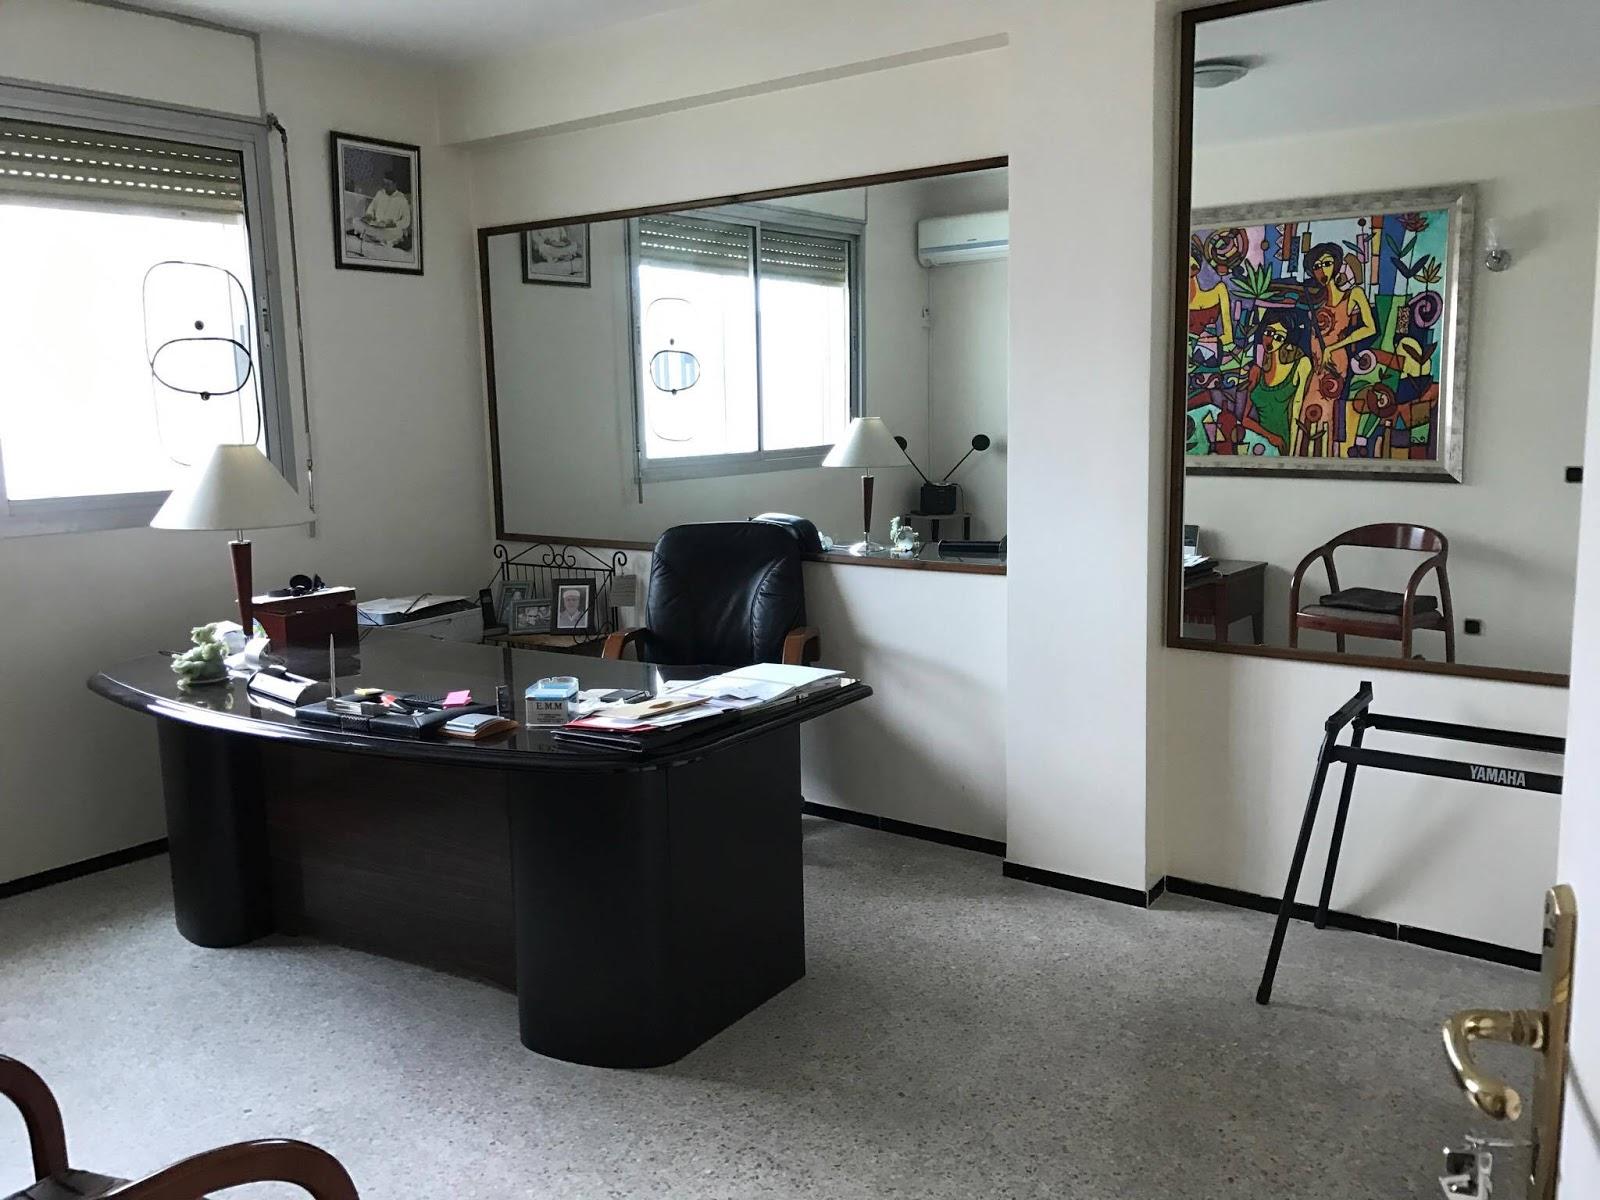 Cabinet immobilier el gamra immobadr commerces et bureaux